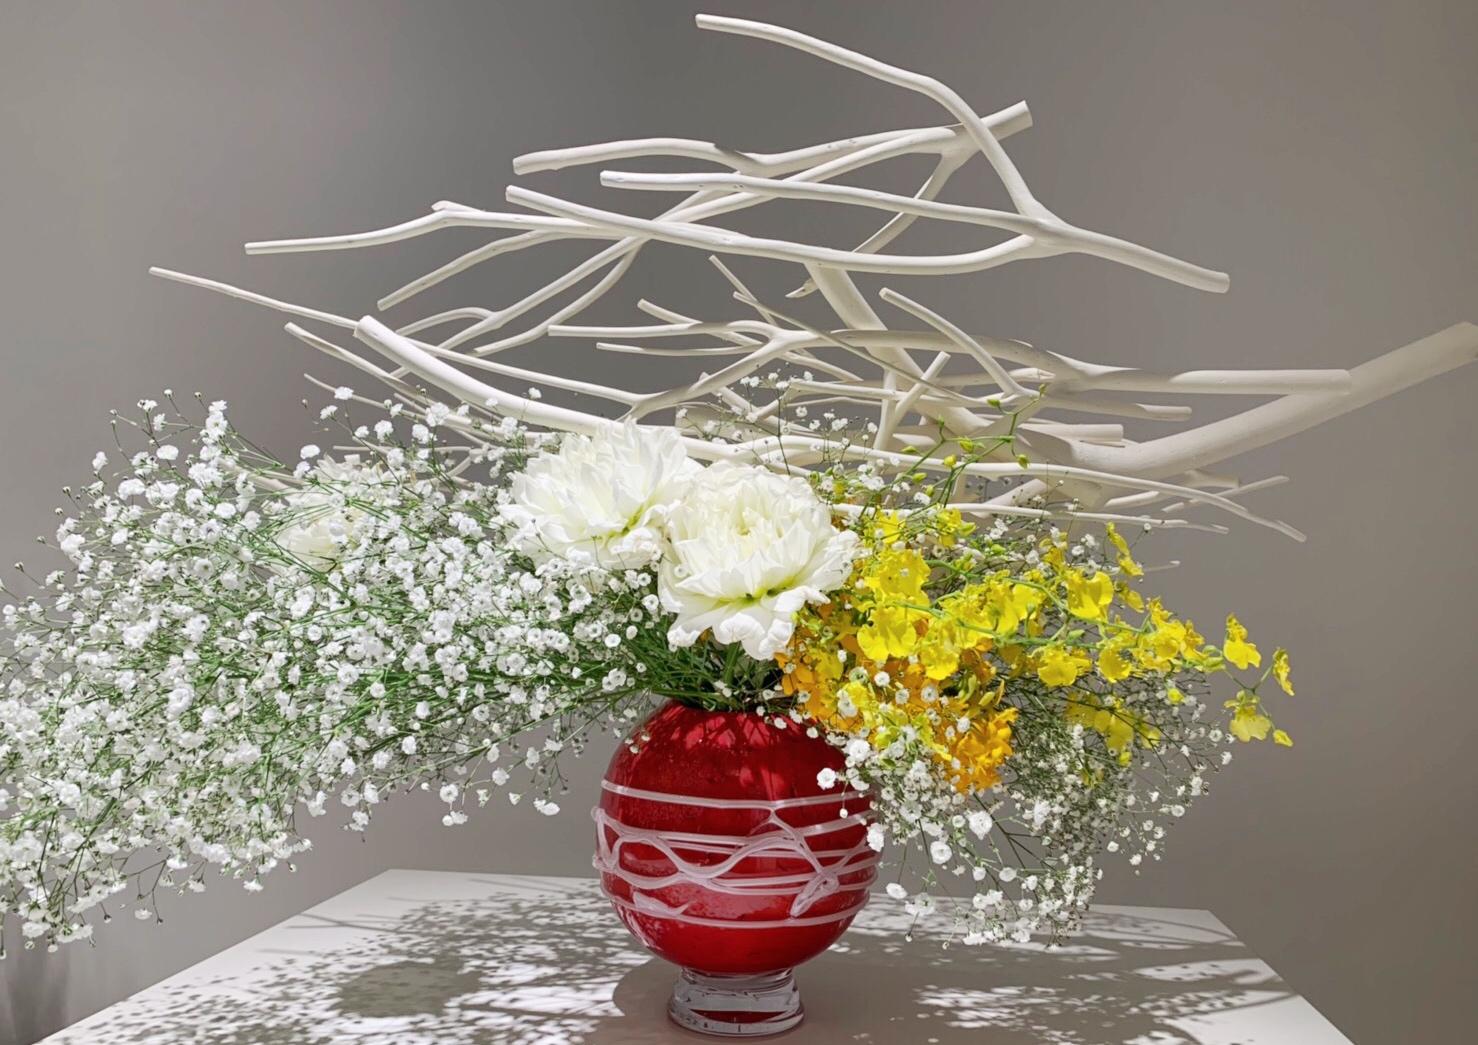 3/25まで!第100回草月いけばな展「花賛歌」が日本橋高島屋で開催中♡_3